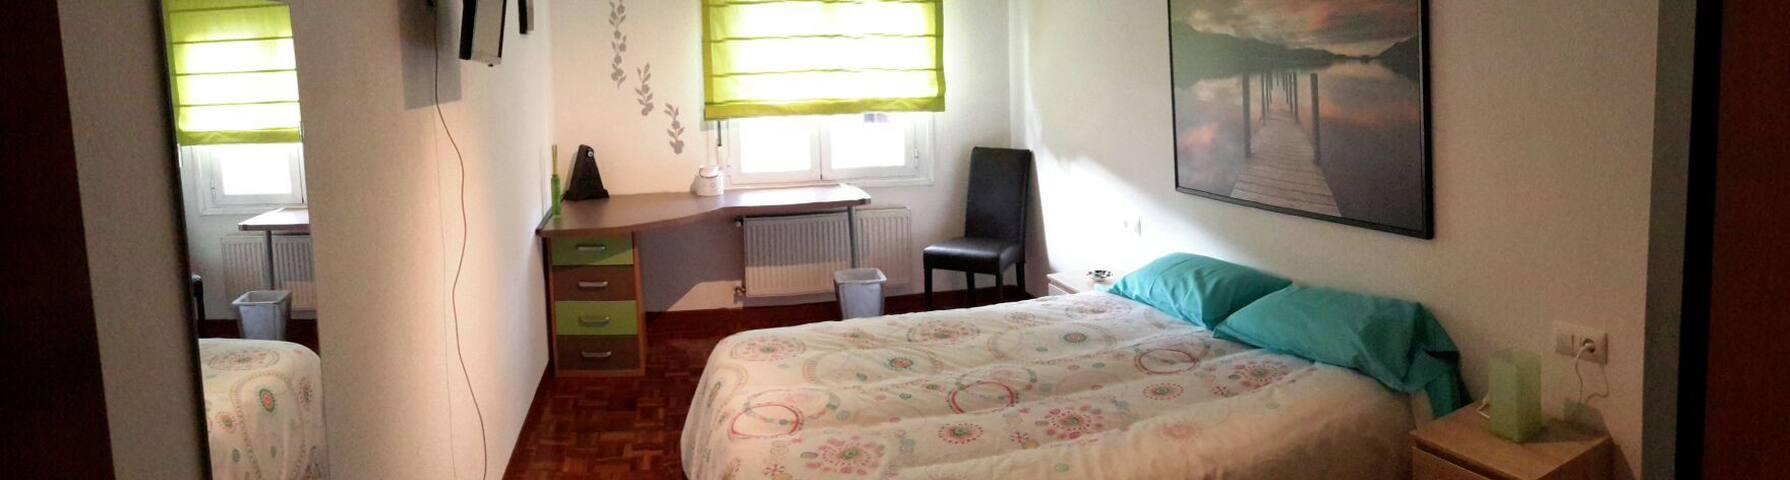 Moderno piso en Miribilla y garaje - Bilbo - Apartemen